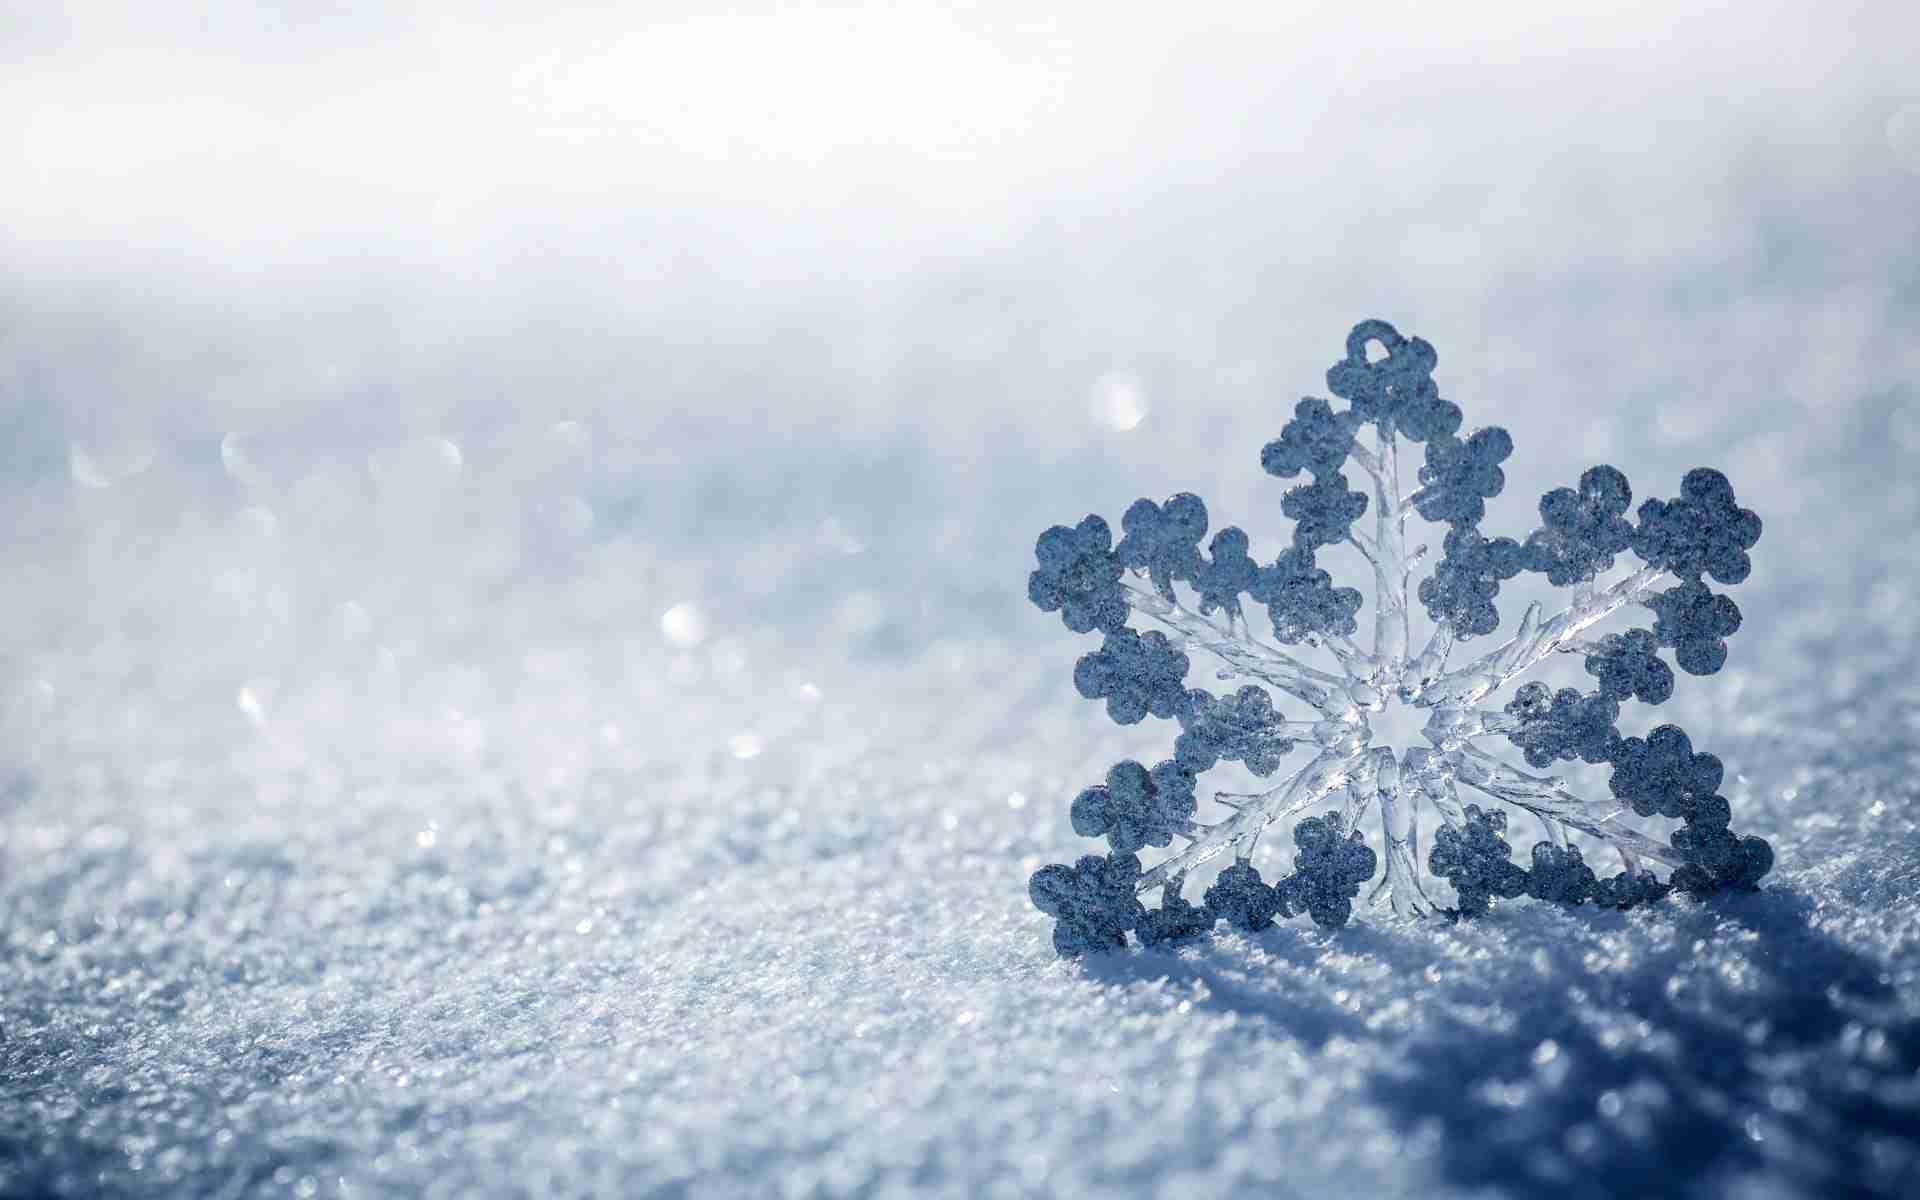 5 consigli per realizzare foto bellissime sotto la neve